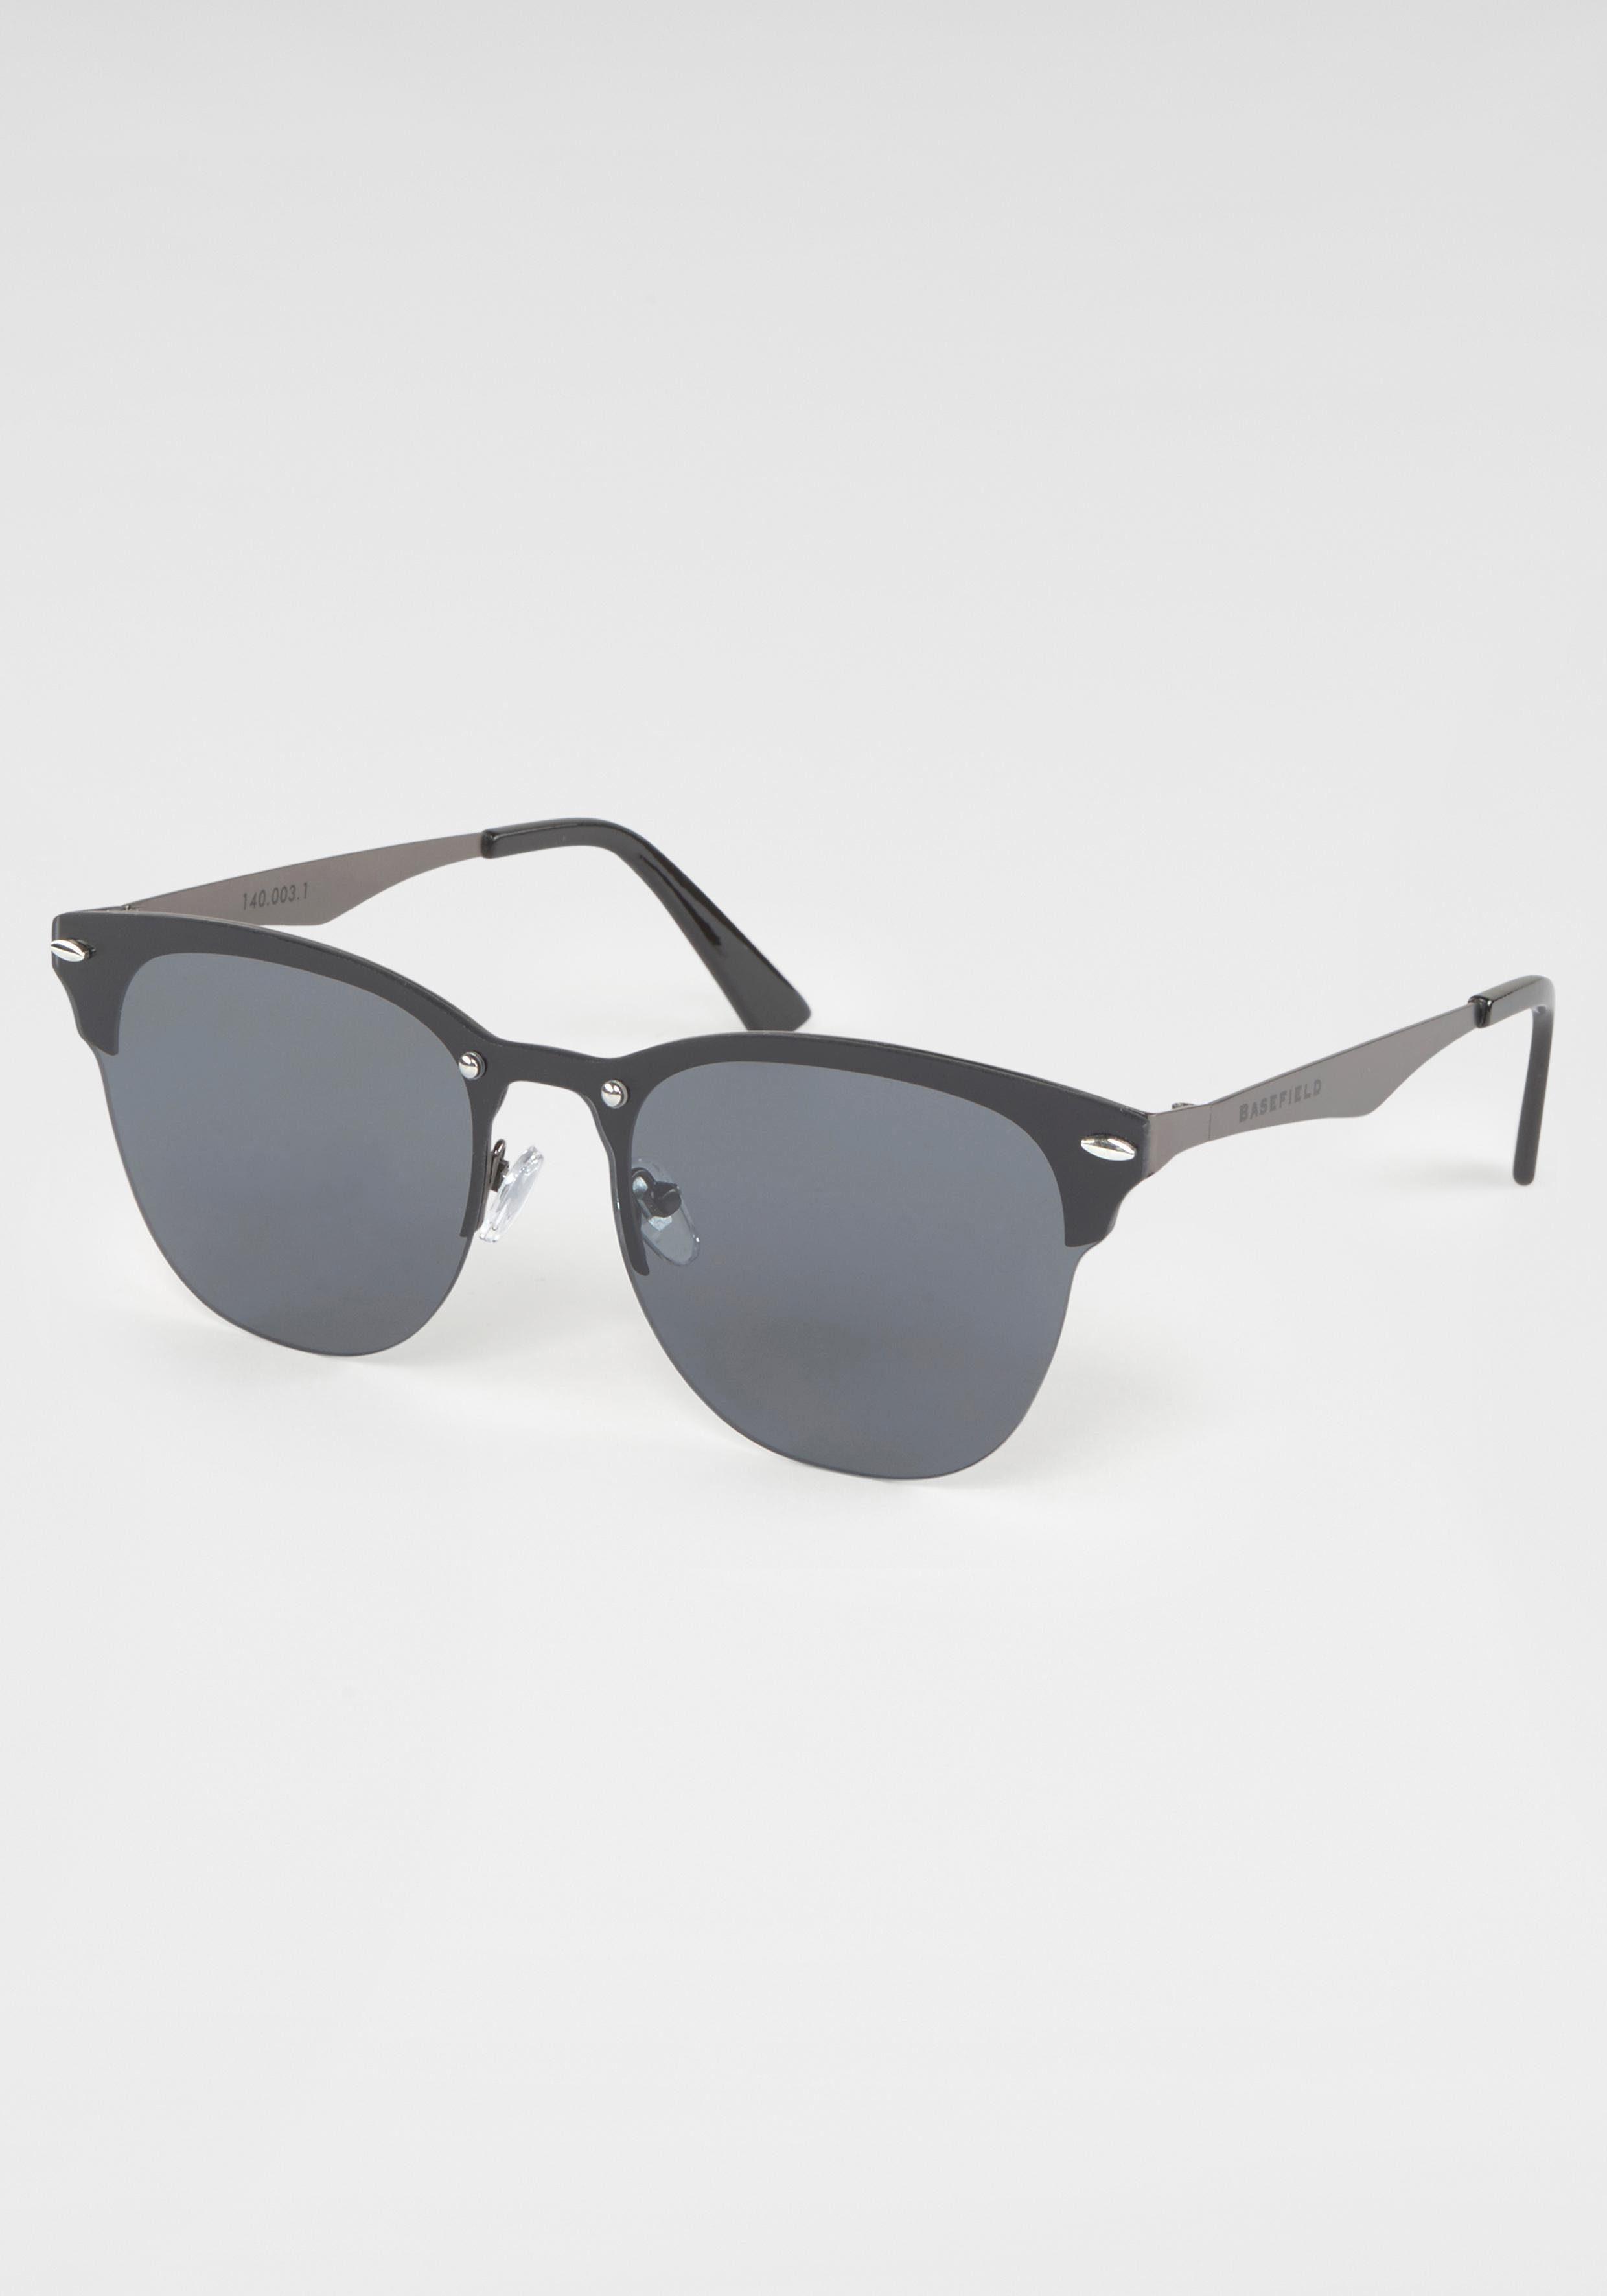 BASEFIELD Retrosonnenbrille Damen Sonnenbrille, Clubmaster Style